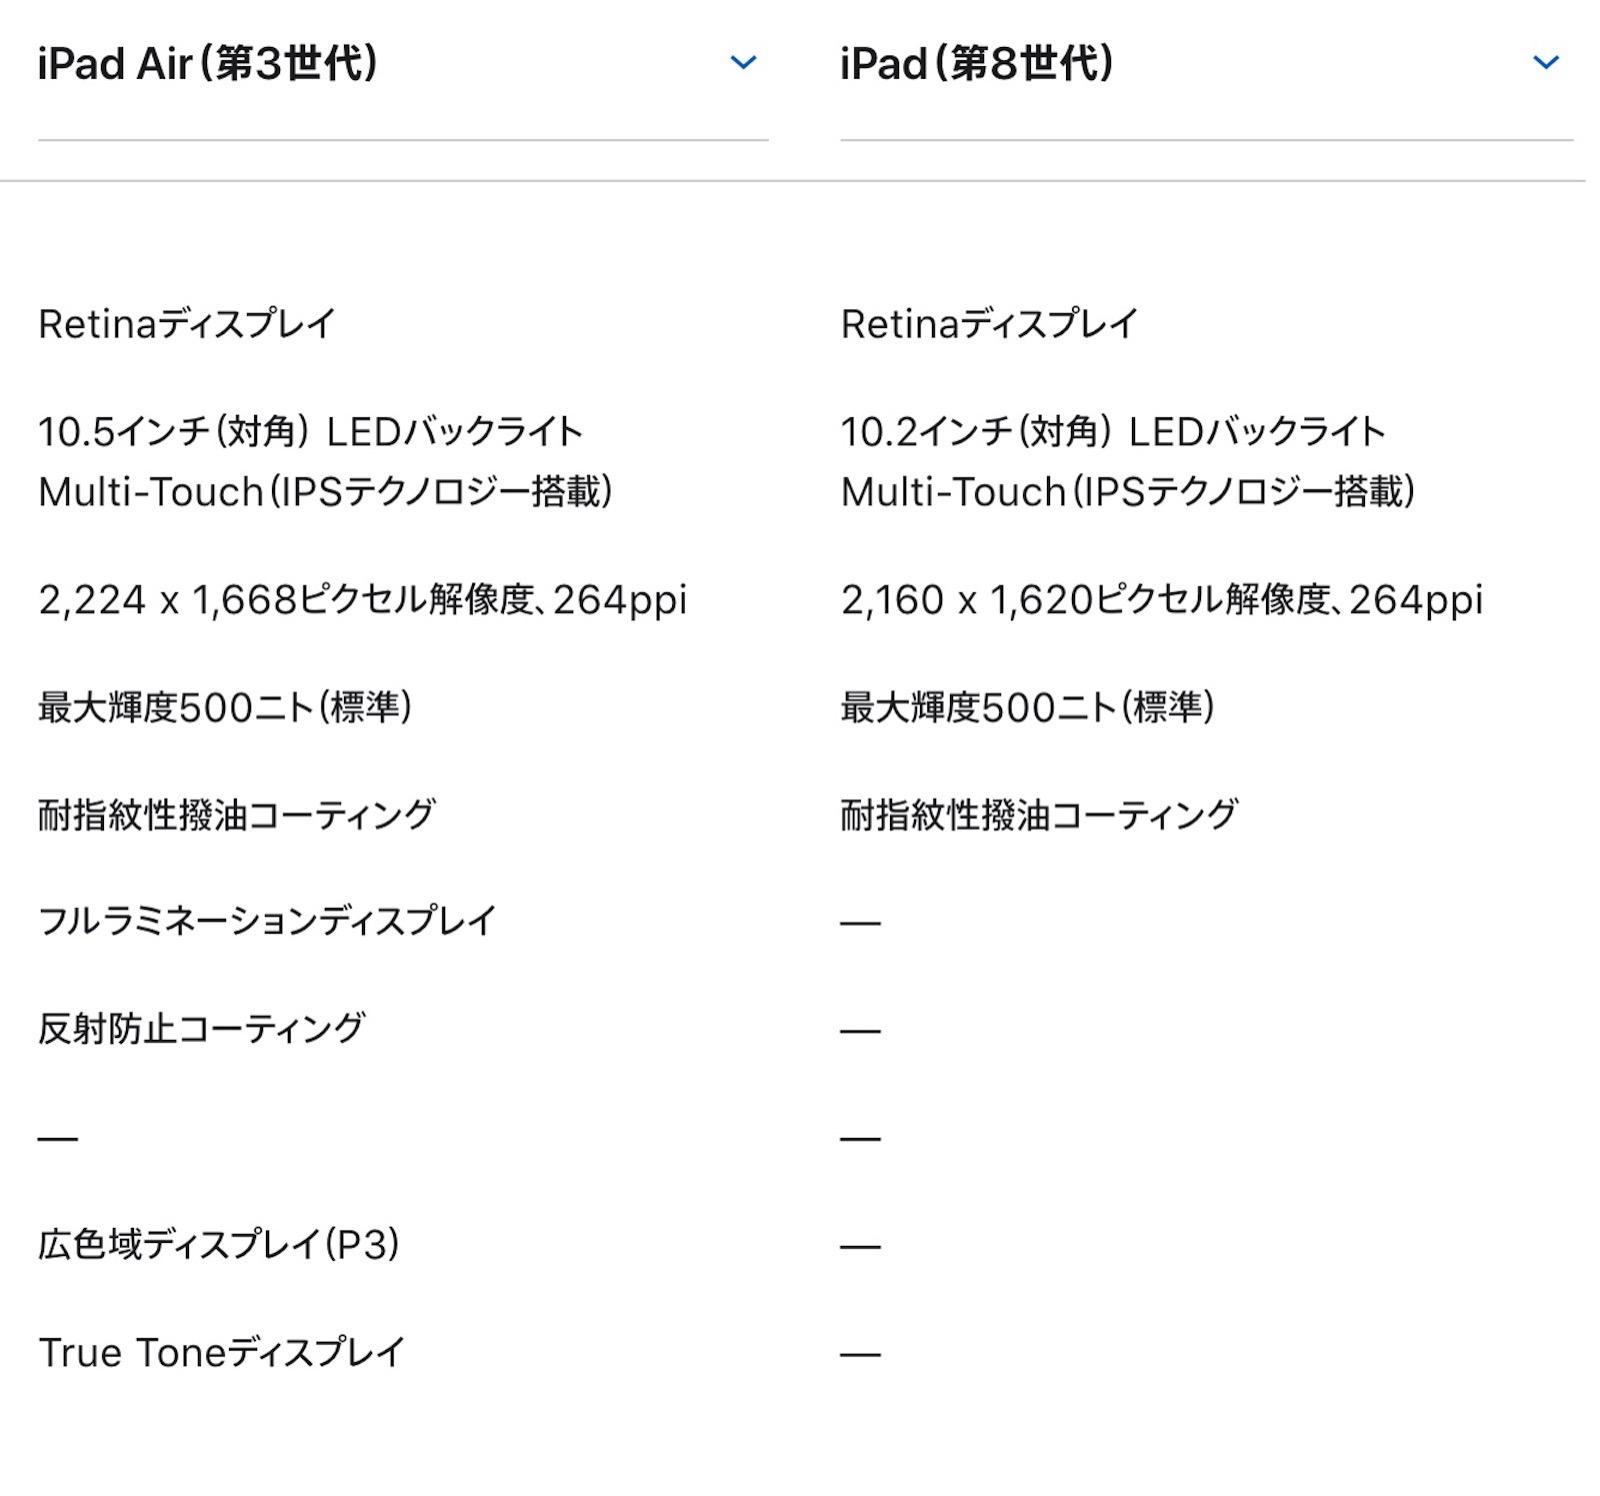 Apple official comparison